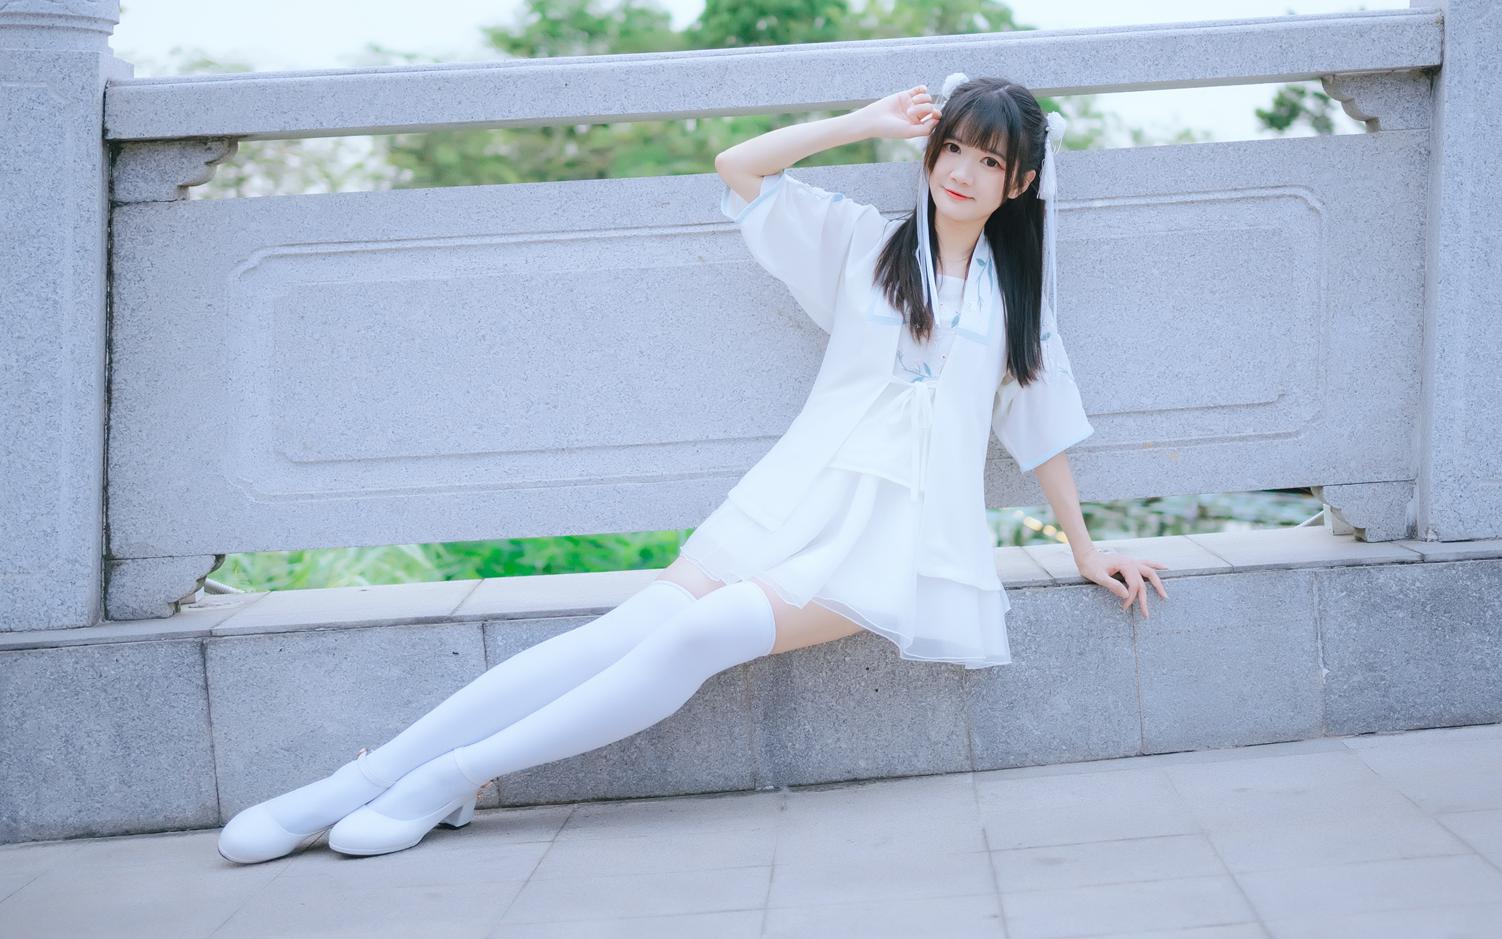 【YIYO☆】再给我一些些在你身边的时间½如梦